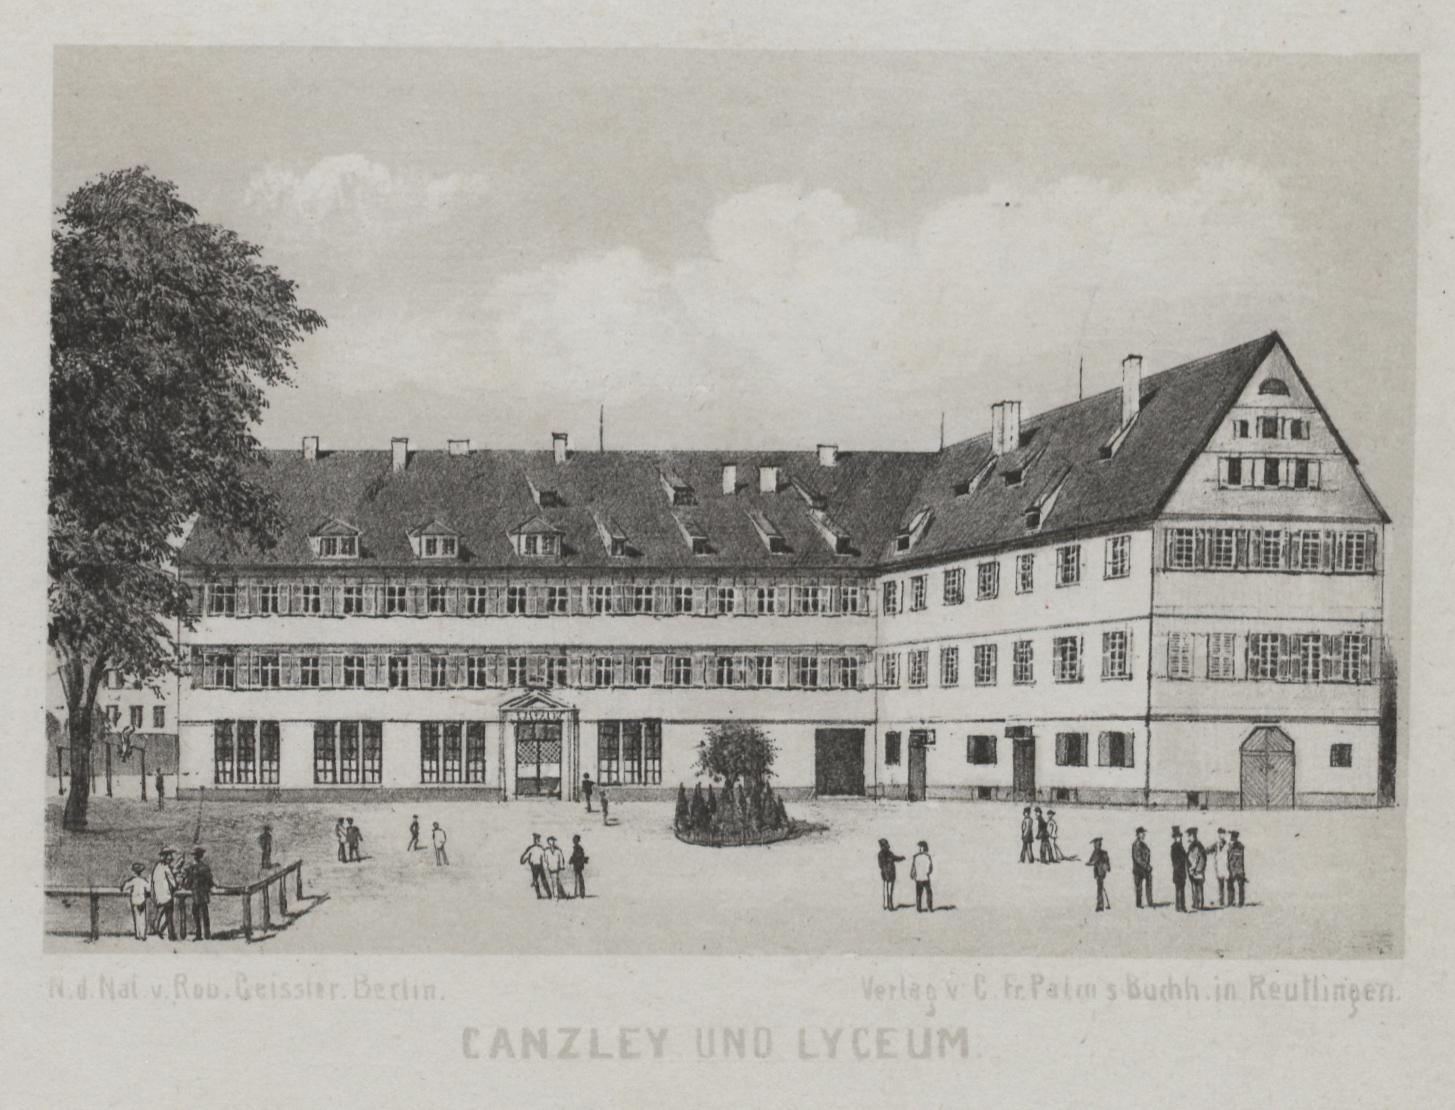 """Vor 200 Jahren bezog die damals neugebildete """"Regierung des Schwarzwaldkreises"""" eine Gebäudeanlage des 16. Jahrhunderts. Heute ist hier das Friedrich-List-Gymnasium untergebracht."""